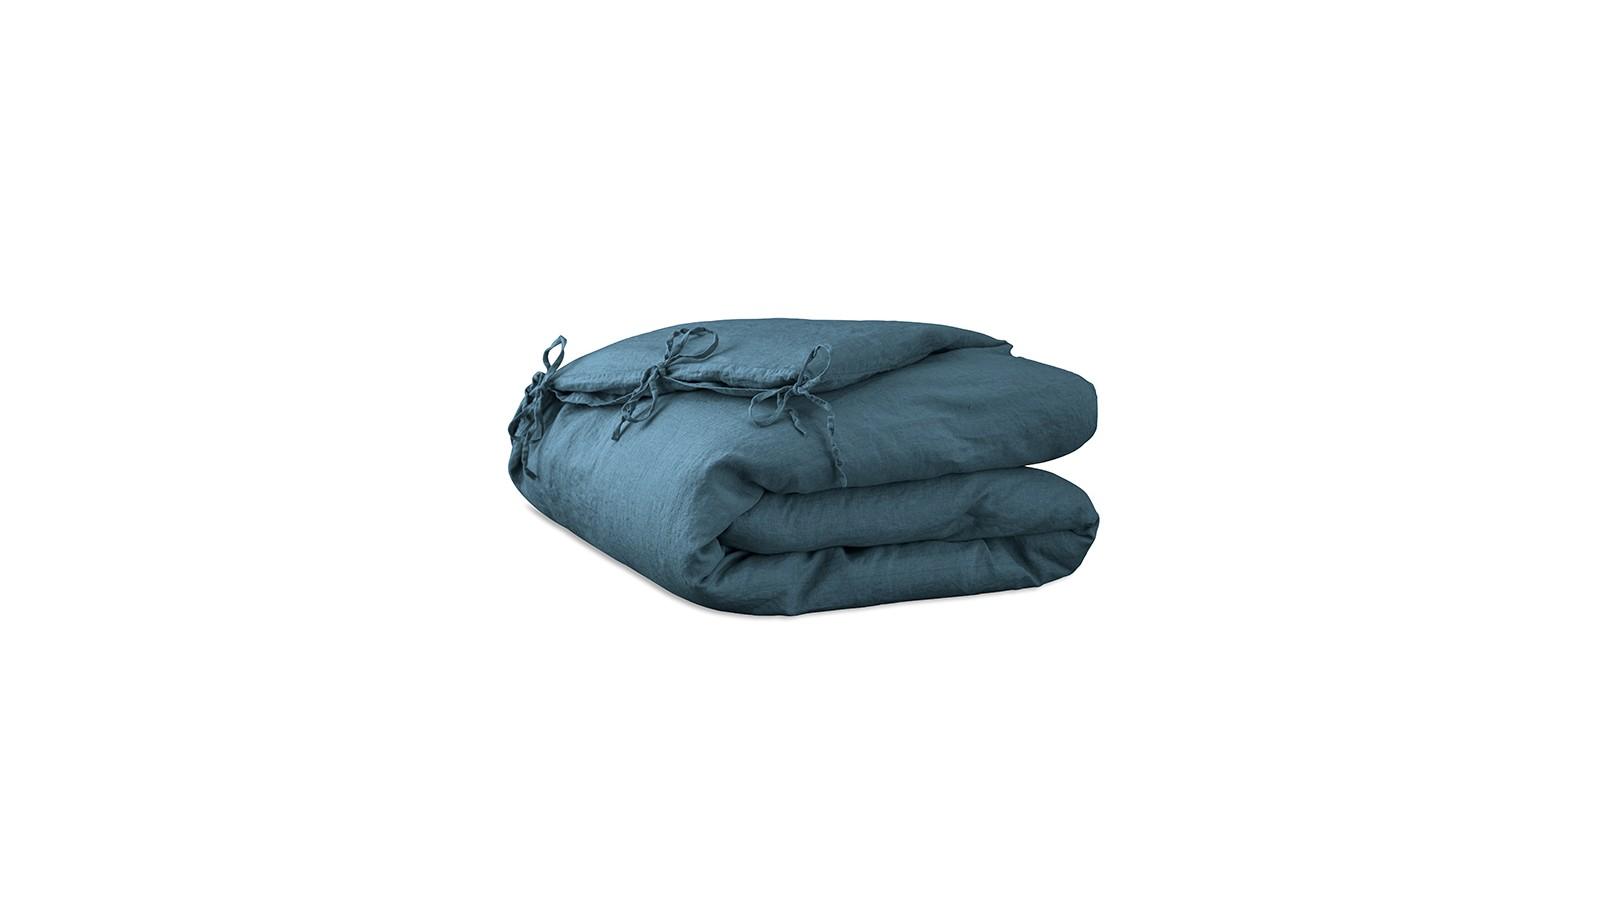 Housse d'édredon 110 x 160 cm en lin lavé uni Bleu Pétrole